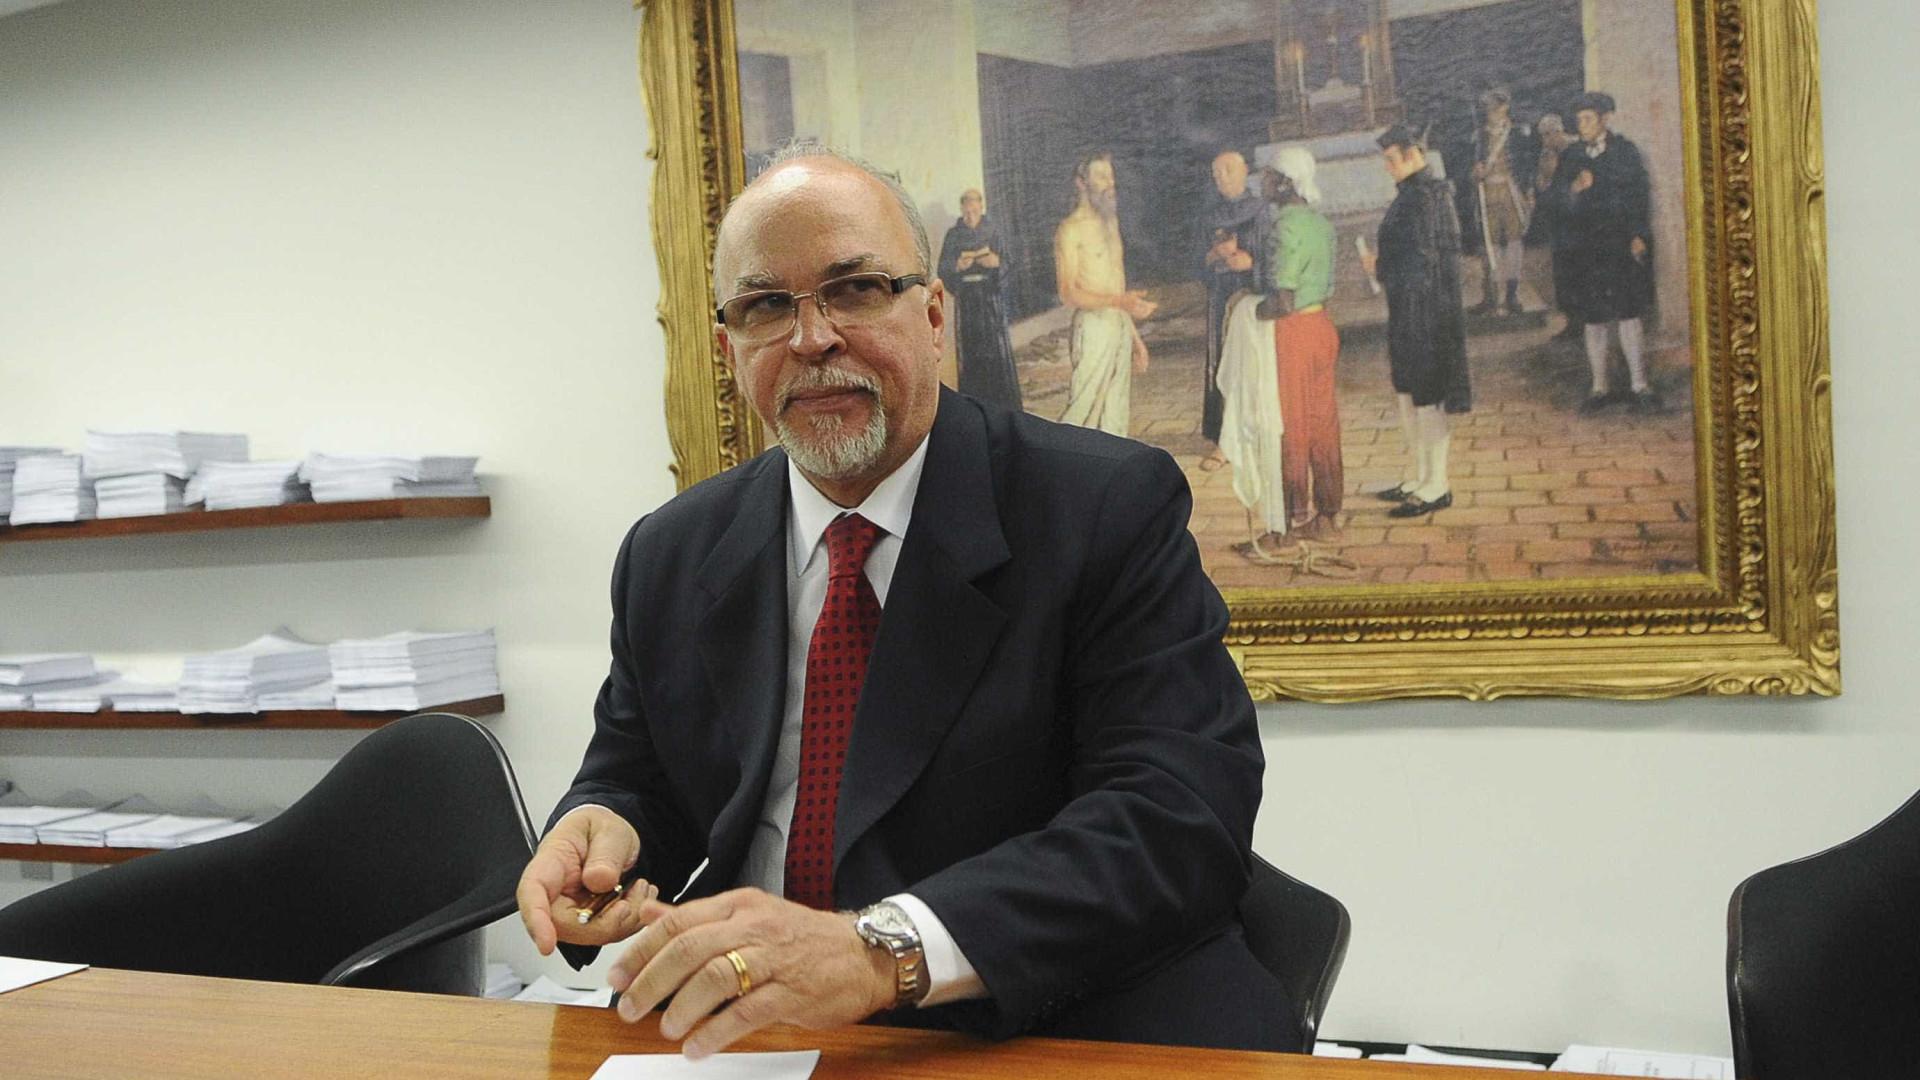 Acusado de corrupção passiva, ex-ministro Mário Negromonte vira réu